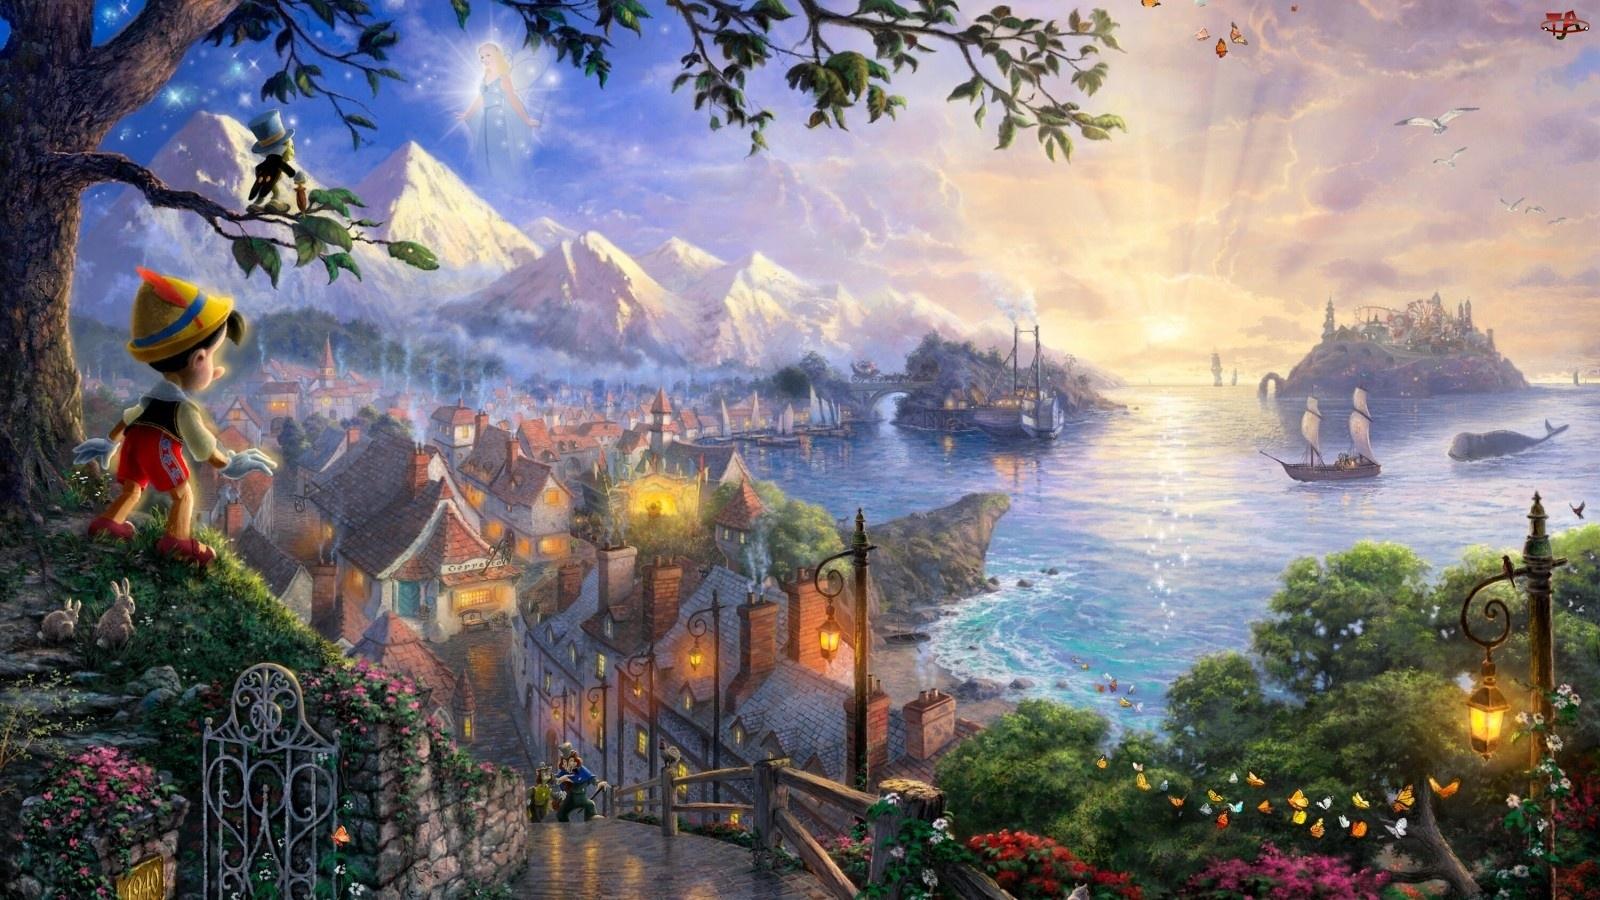 Thomas Kinkade, Wyspa, Disney, Pinokio